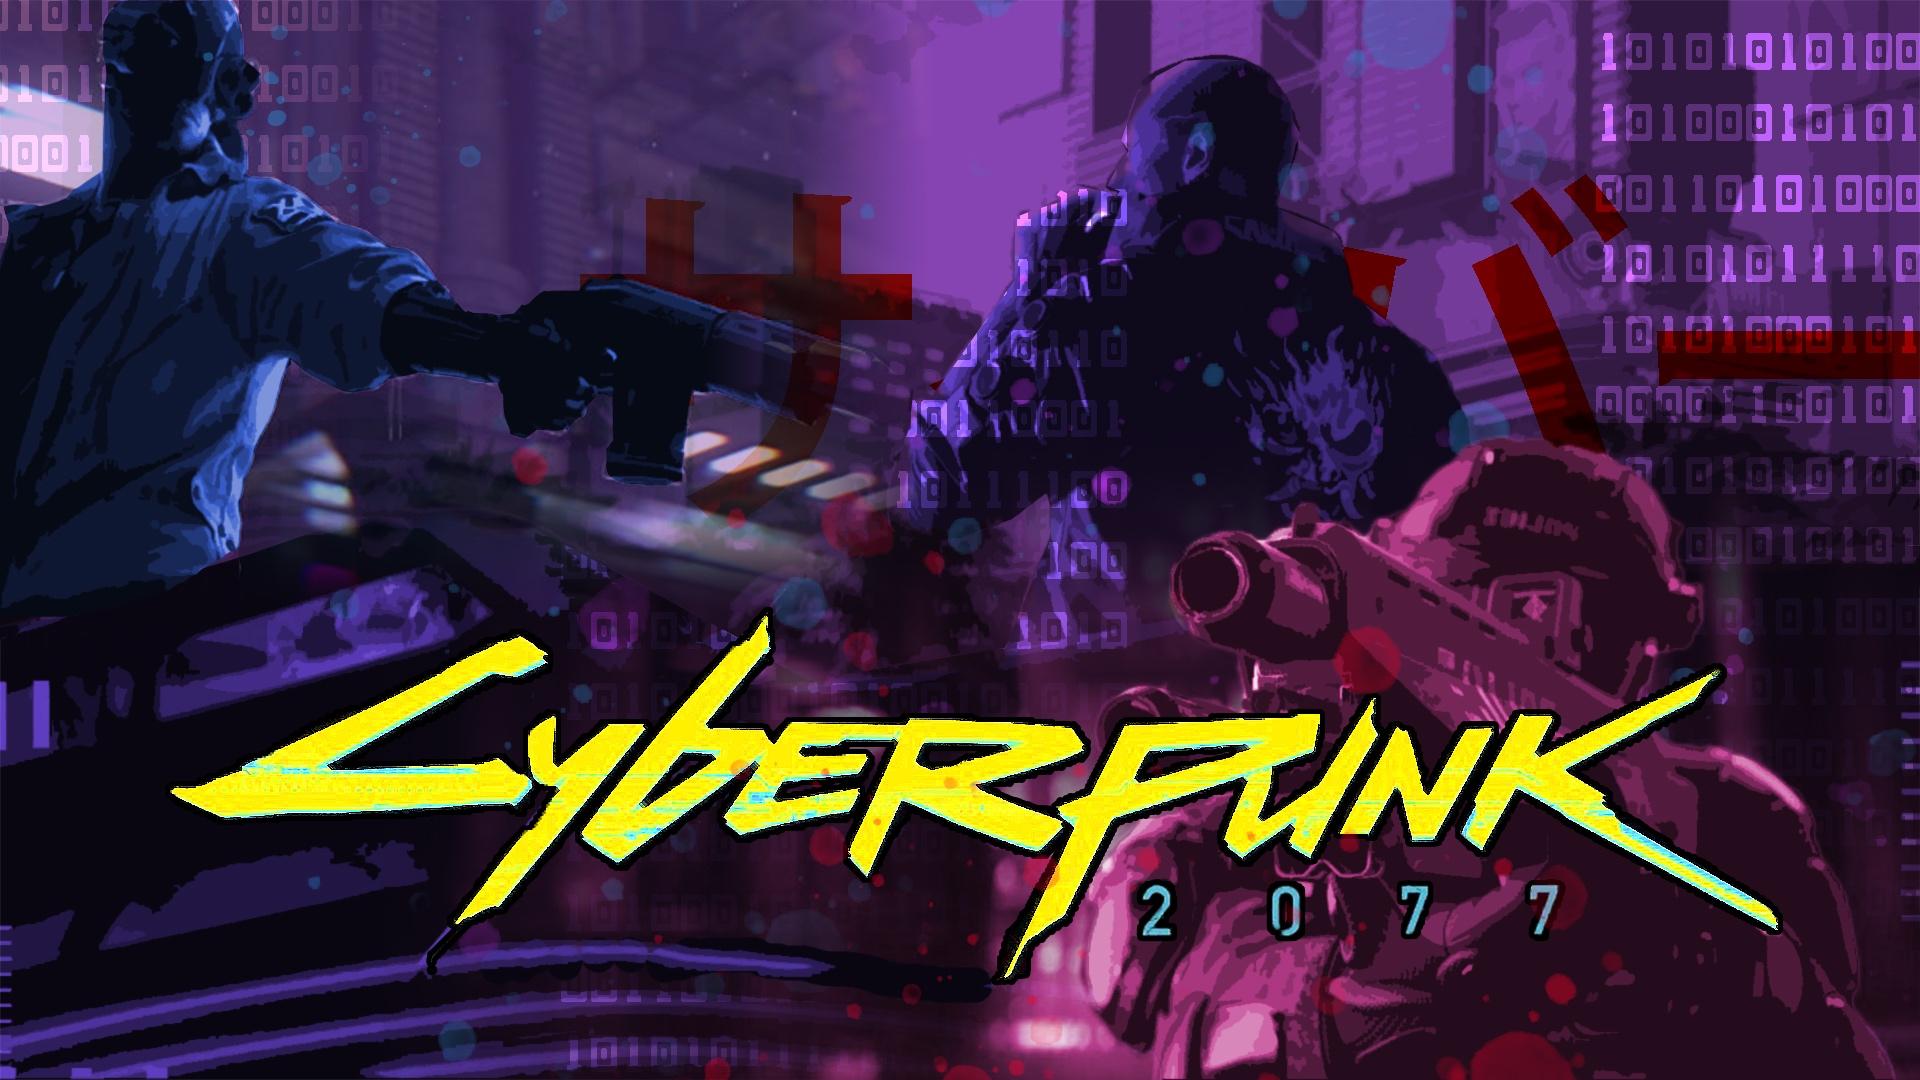 Cyberpunk 2077 avrà una Patch al Day One?